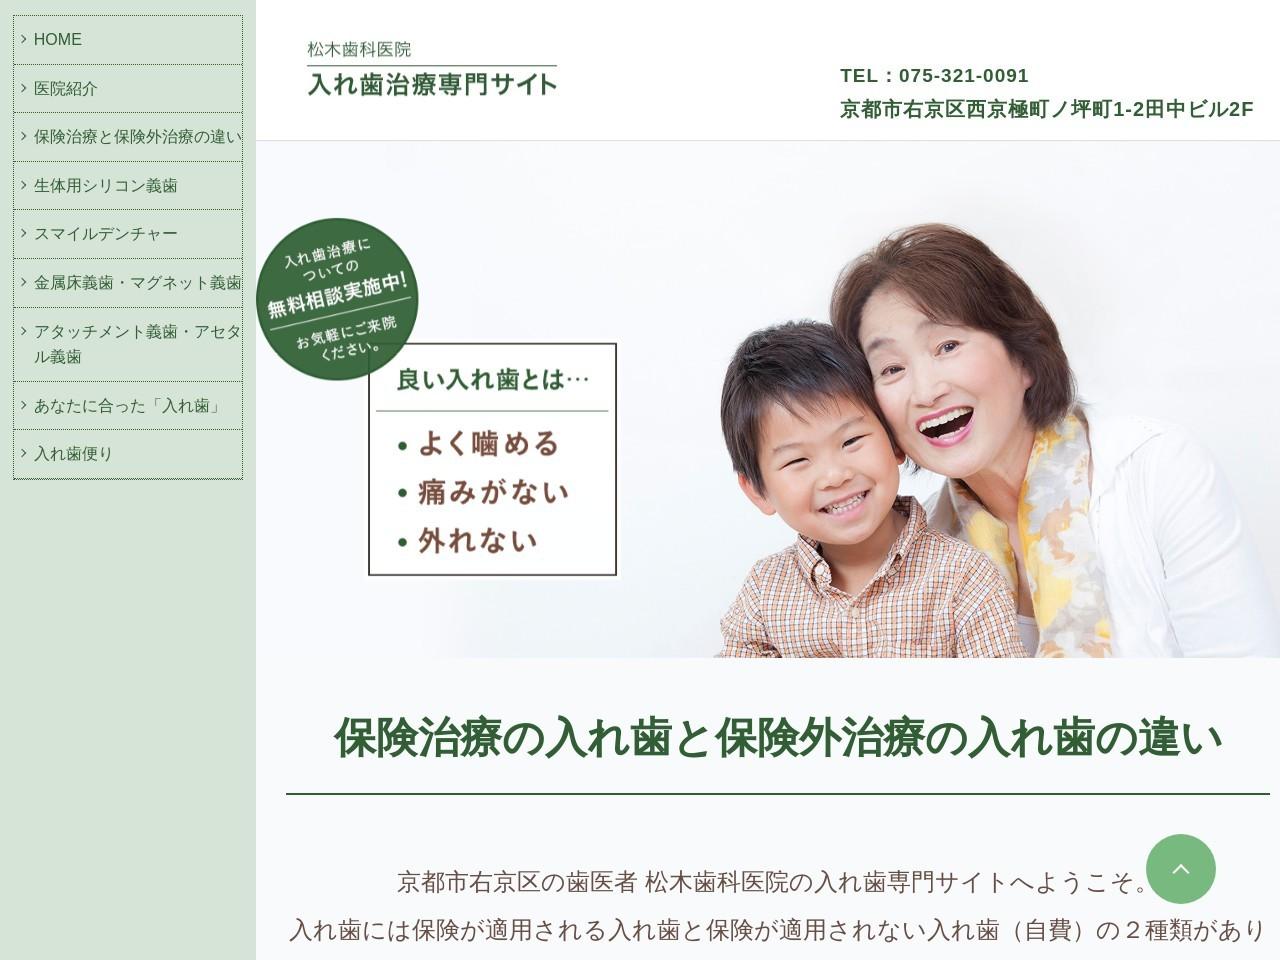 松木歯科医院 (京都府京都市右京区)